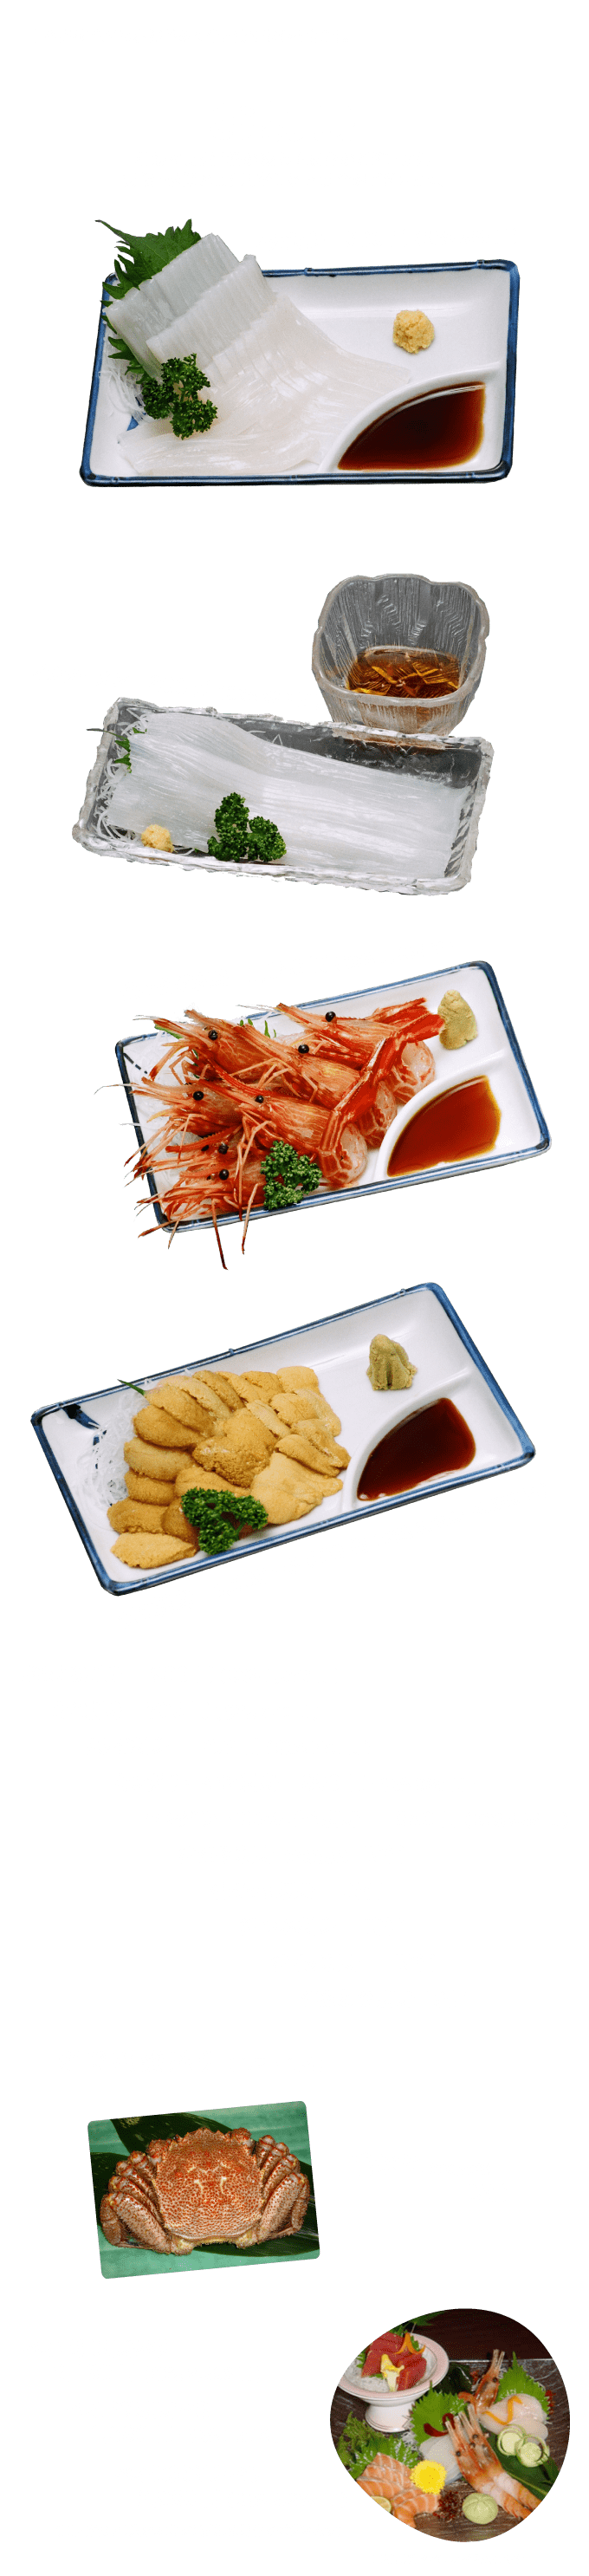 【お刺身】ベイエリア店のディナーメニュー